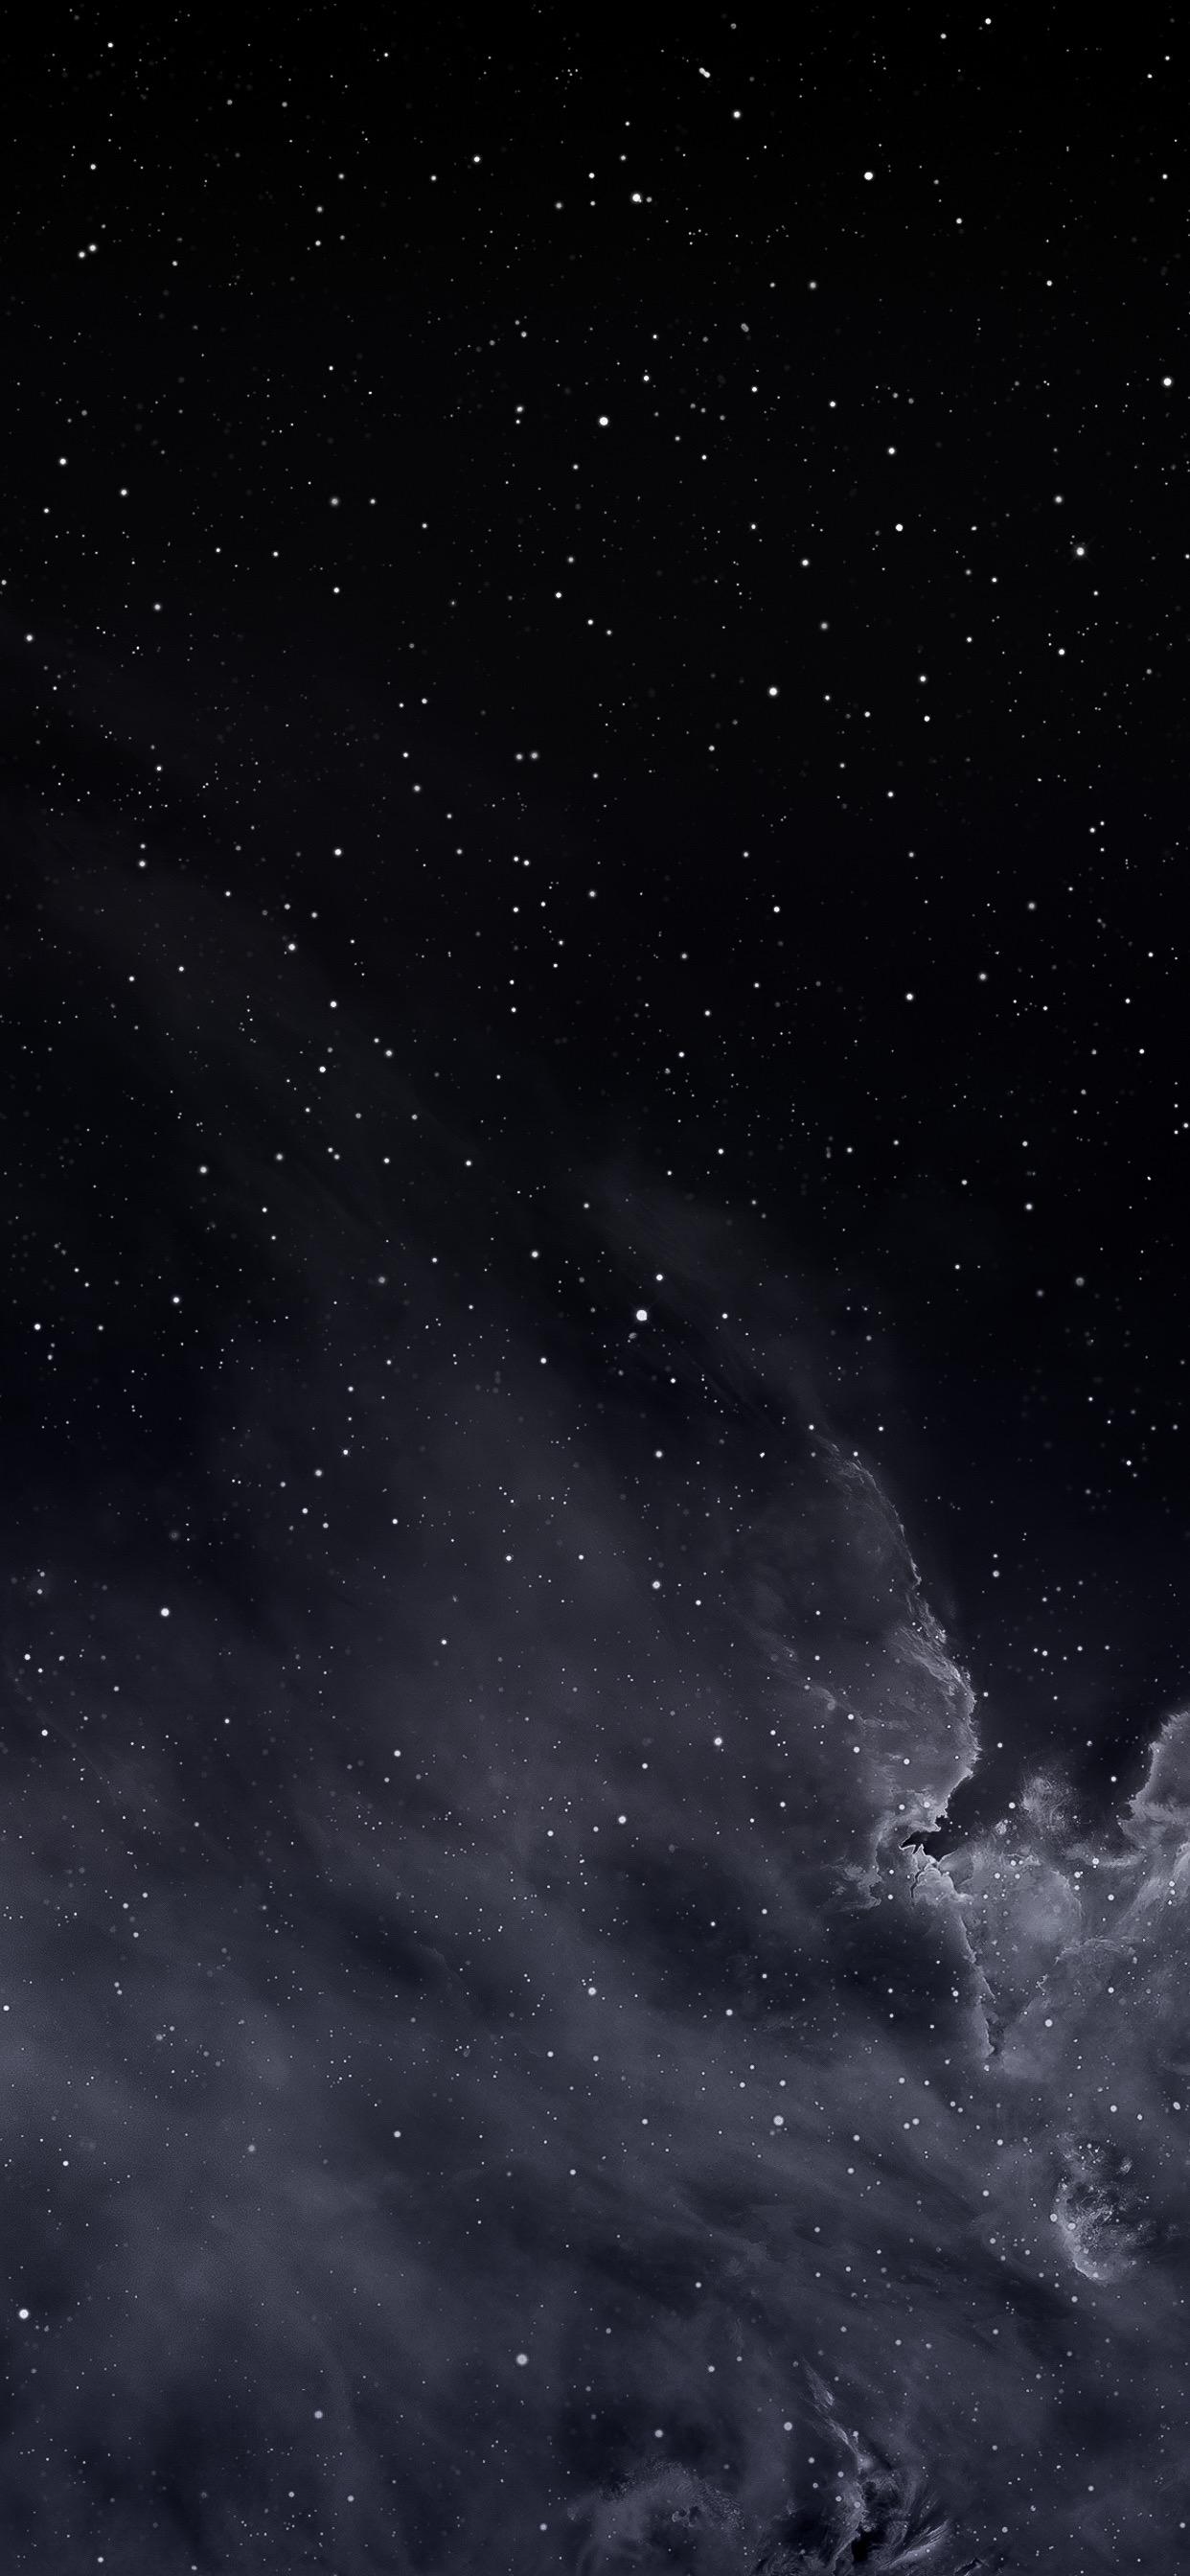 Dark iPhone Wallpapers   Top Dark iPhone Backgrounds 1242x2688